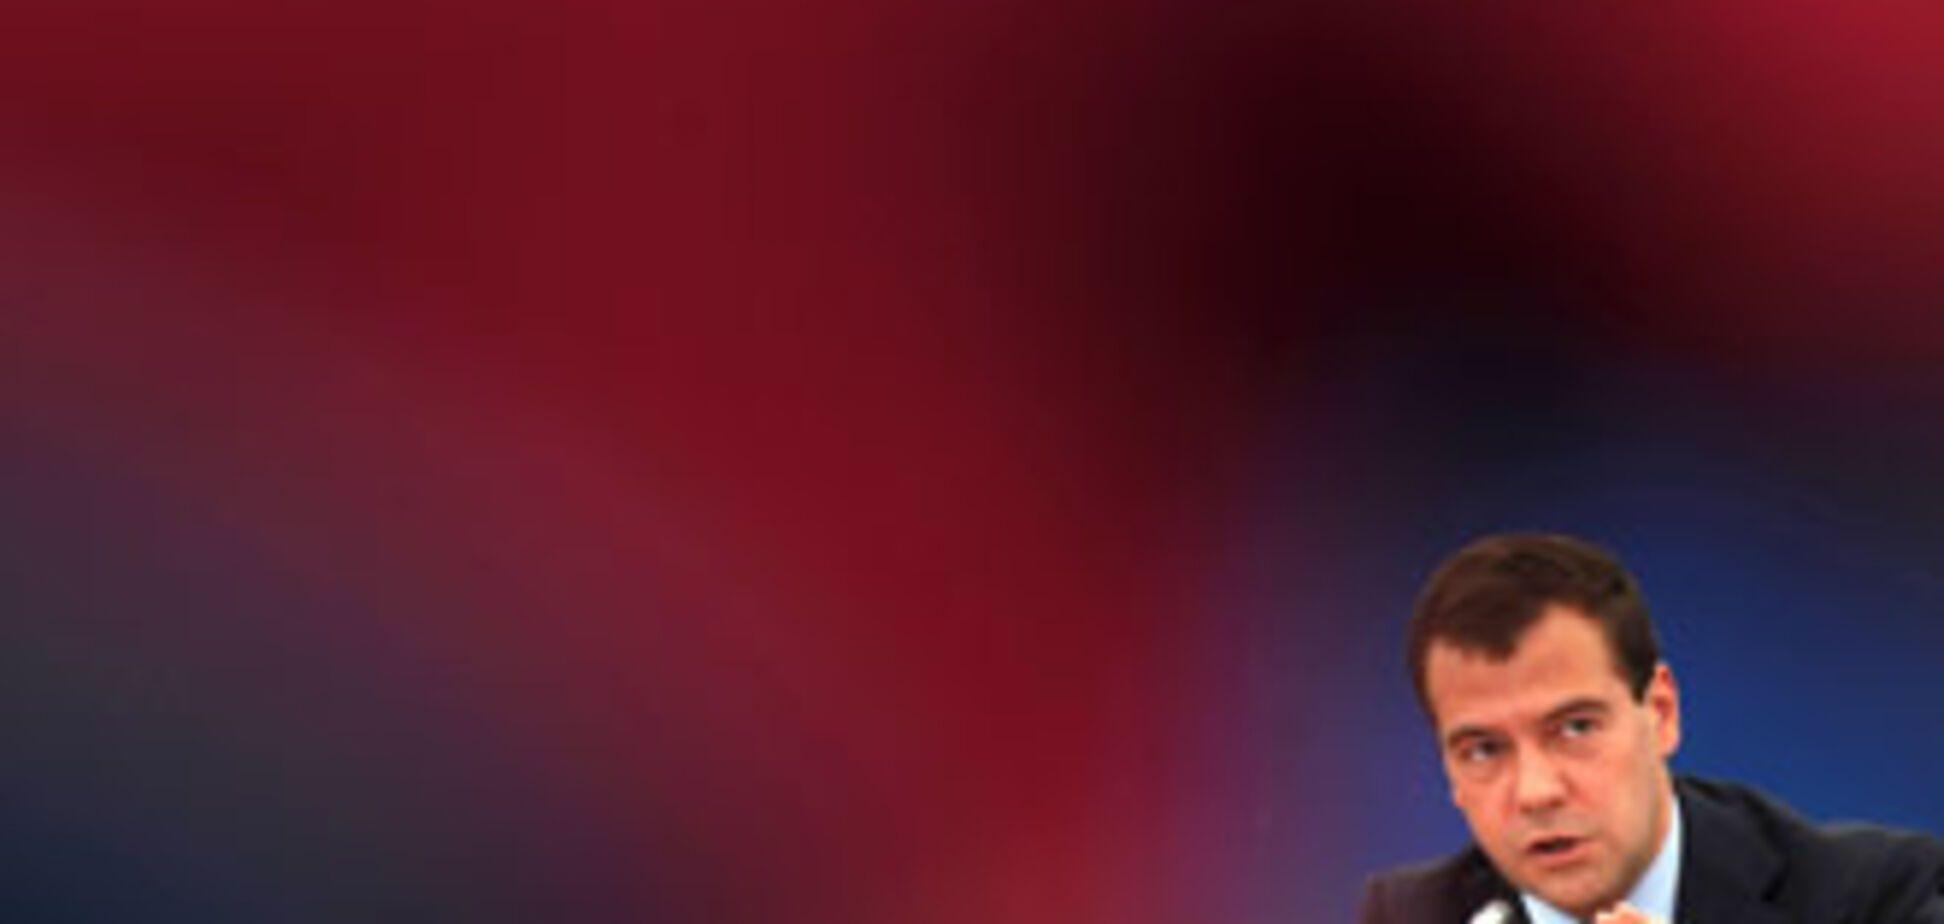 Медведев напугал МИД Украины